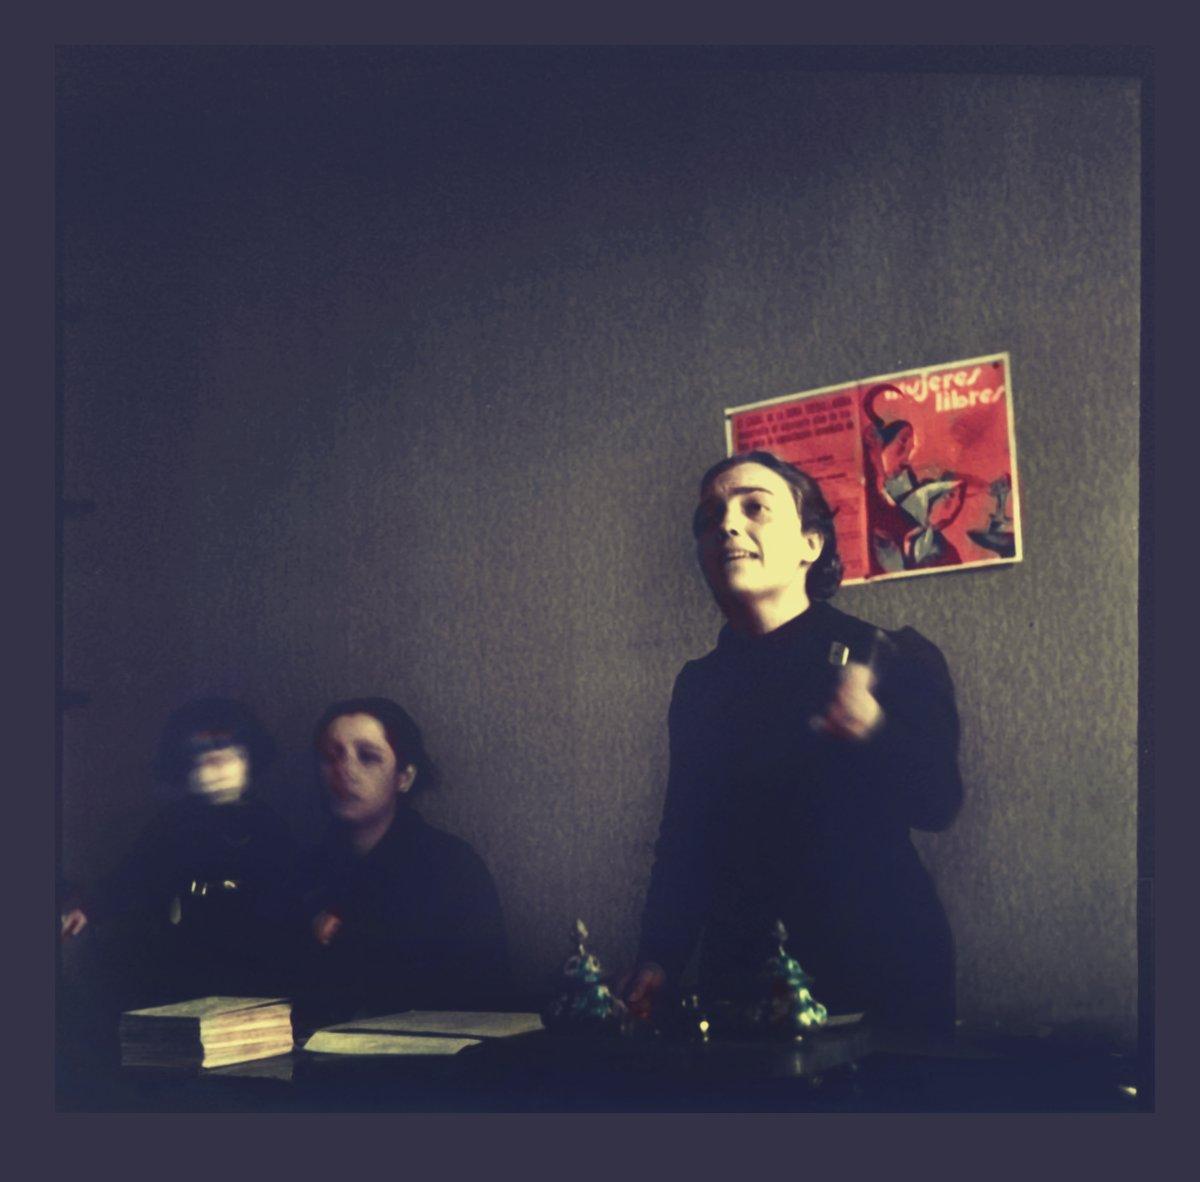 1937, Soledad Storach interviniendo en un pleno de Mujeres Libres. Foto Kati Horna. Periódico Umbral febrero 1938. Archivo Memoria Histórica. Coloreada. Colorized. Kati Horna en España